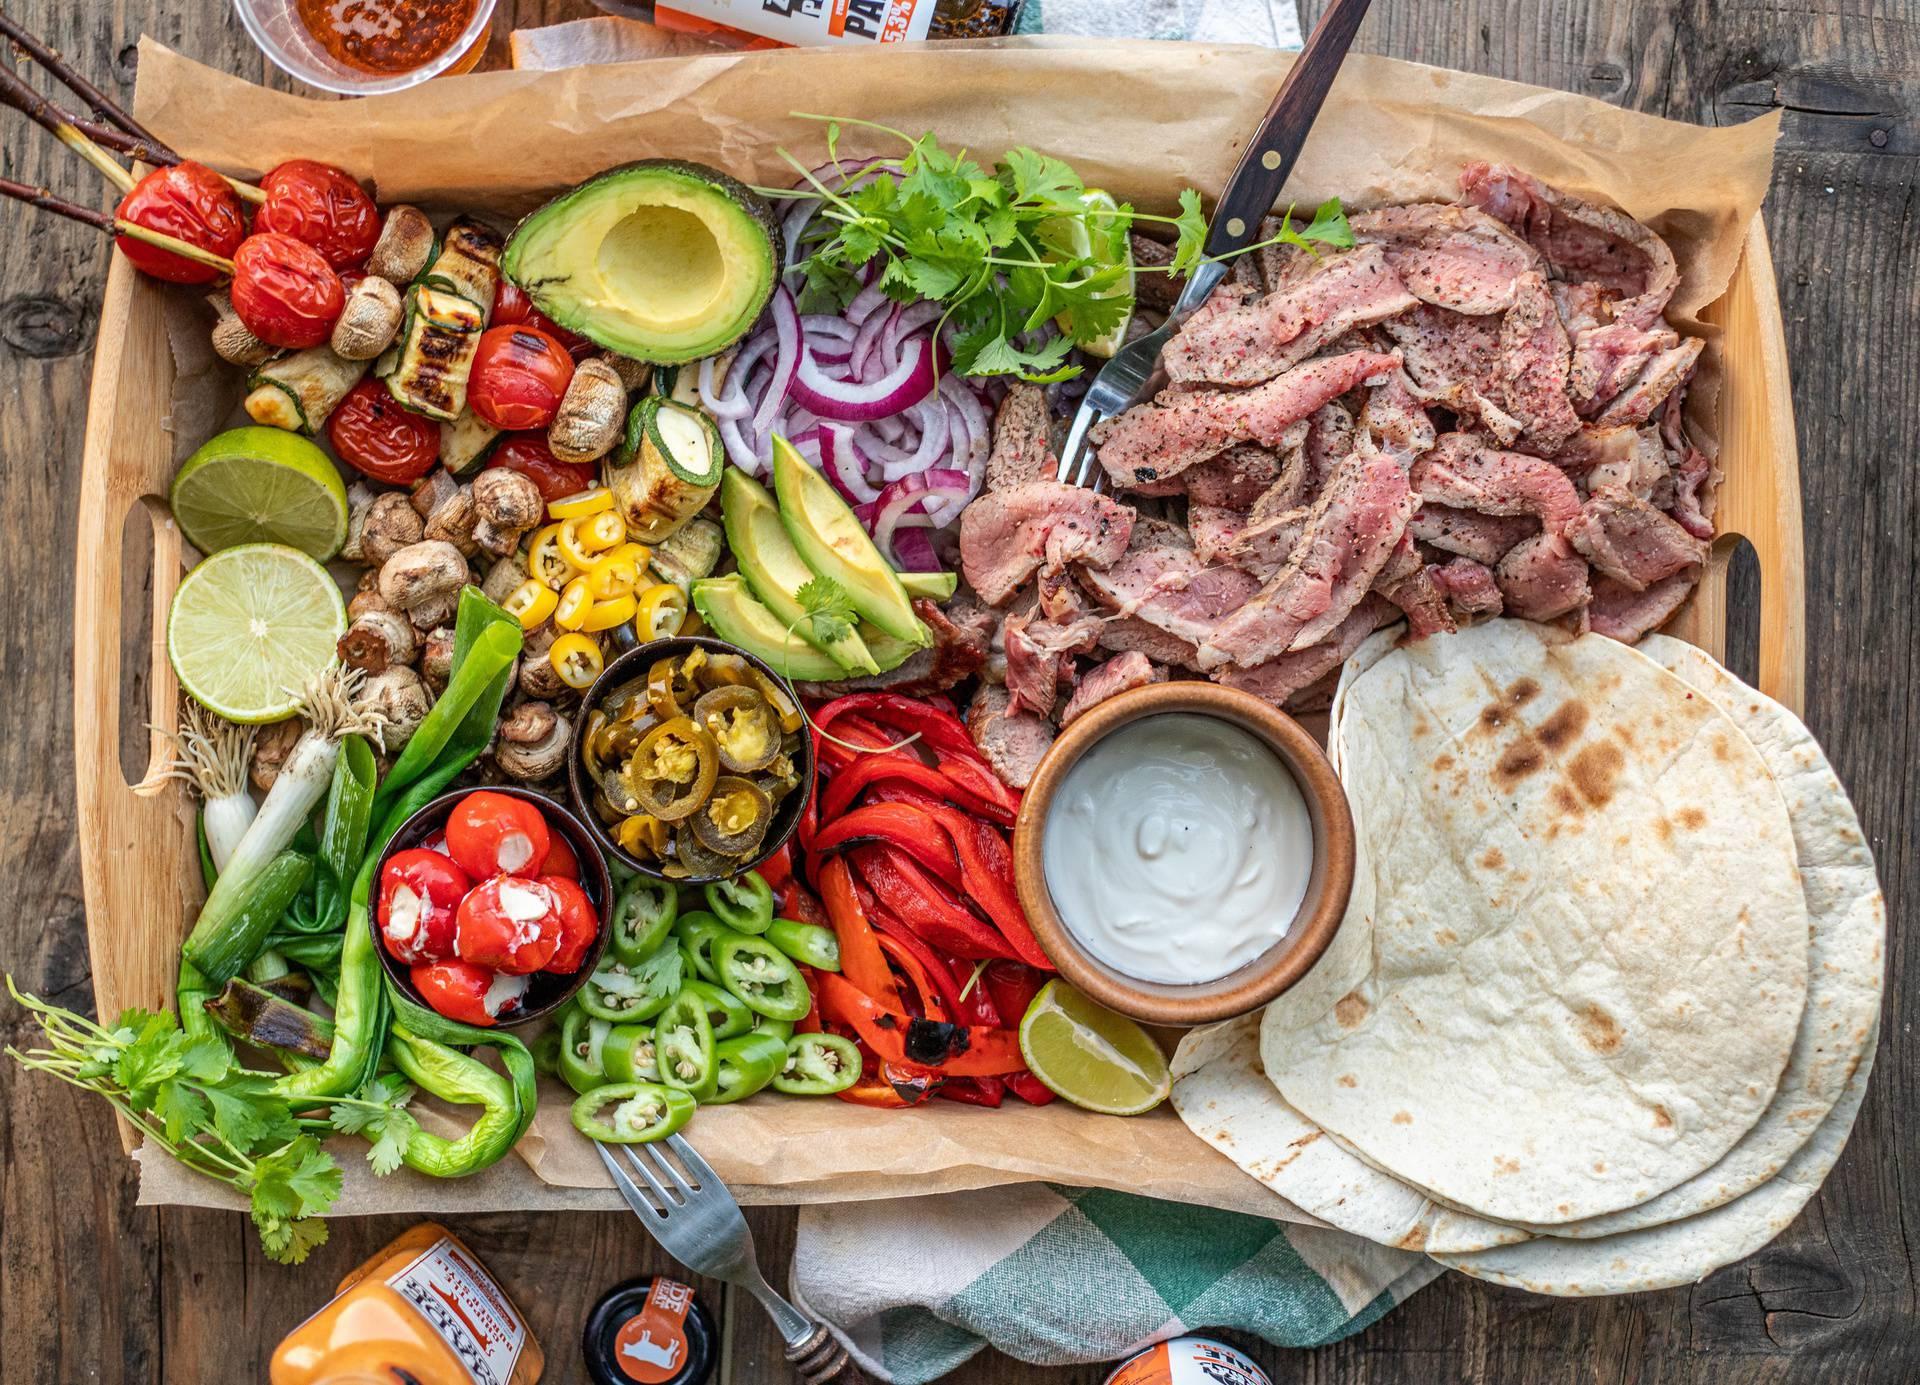 Poseban recept za prave gurmane: Ovako pripremljeno meso vjerojatno niste probali